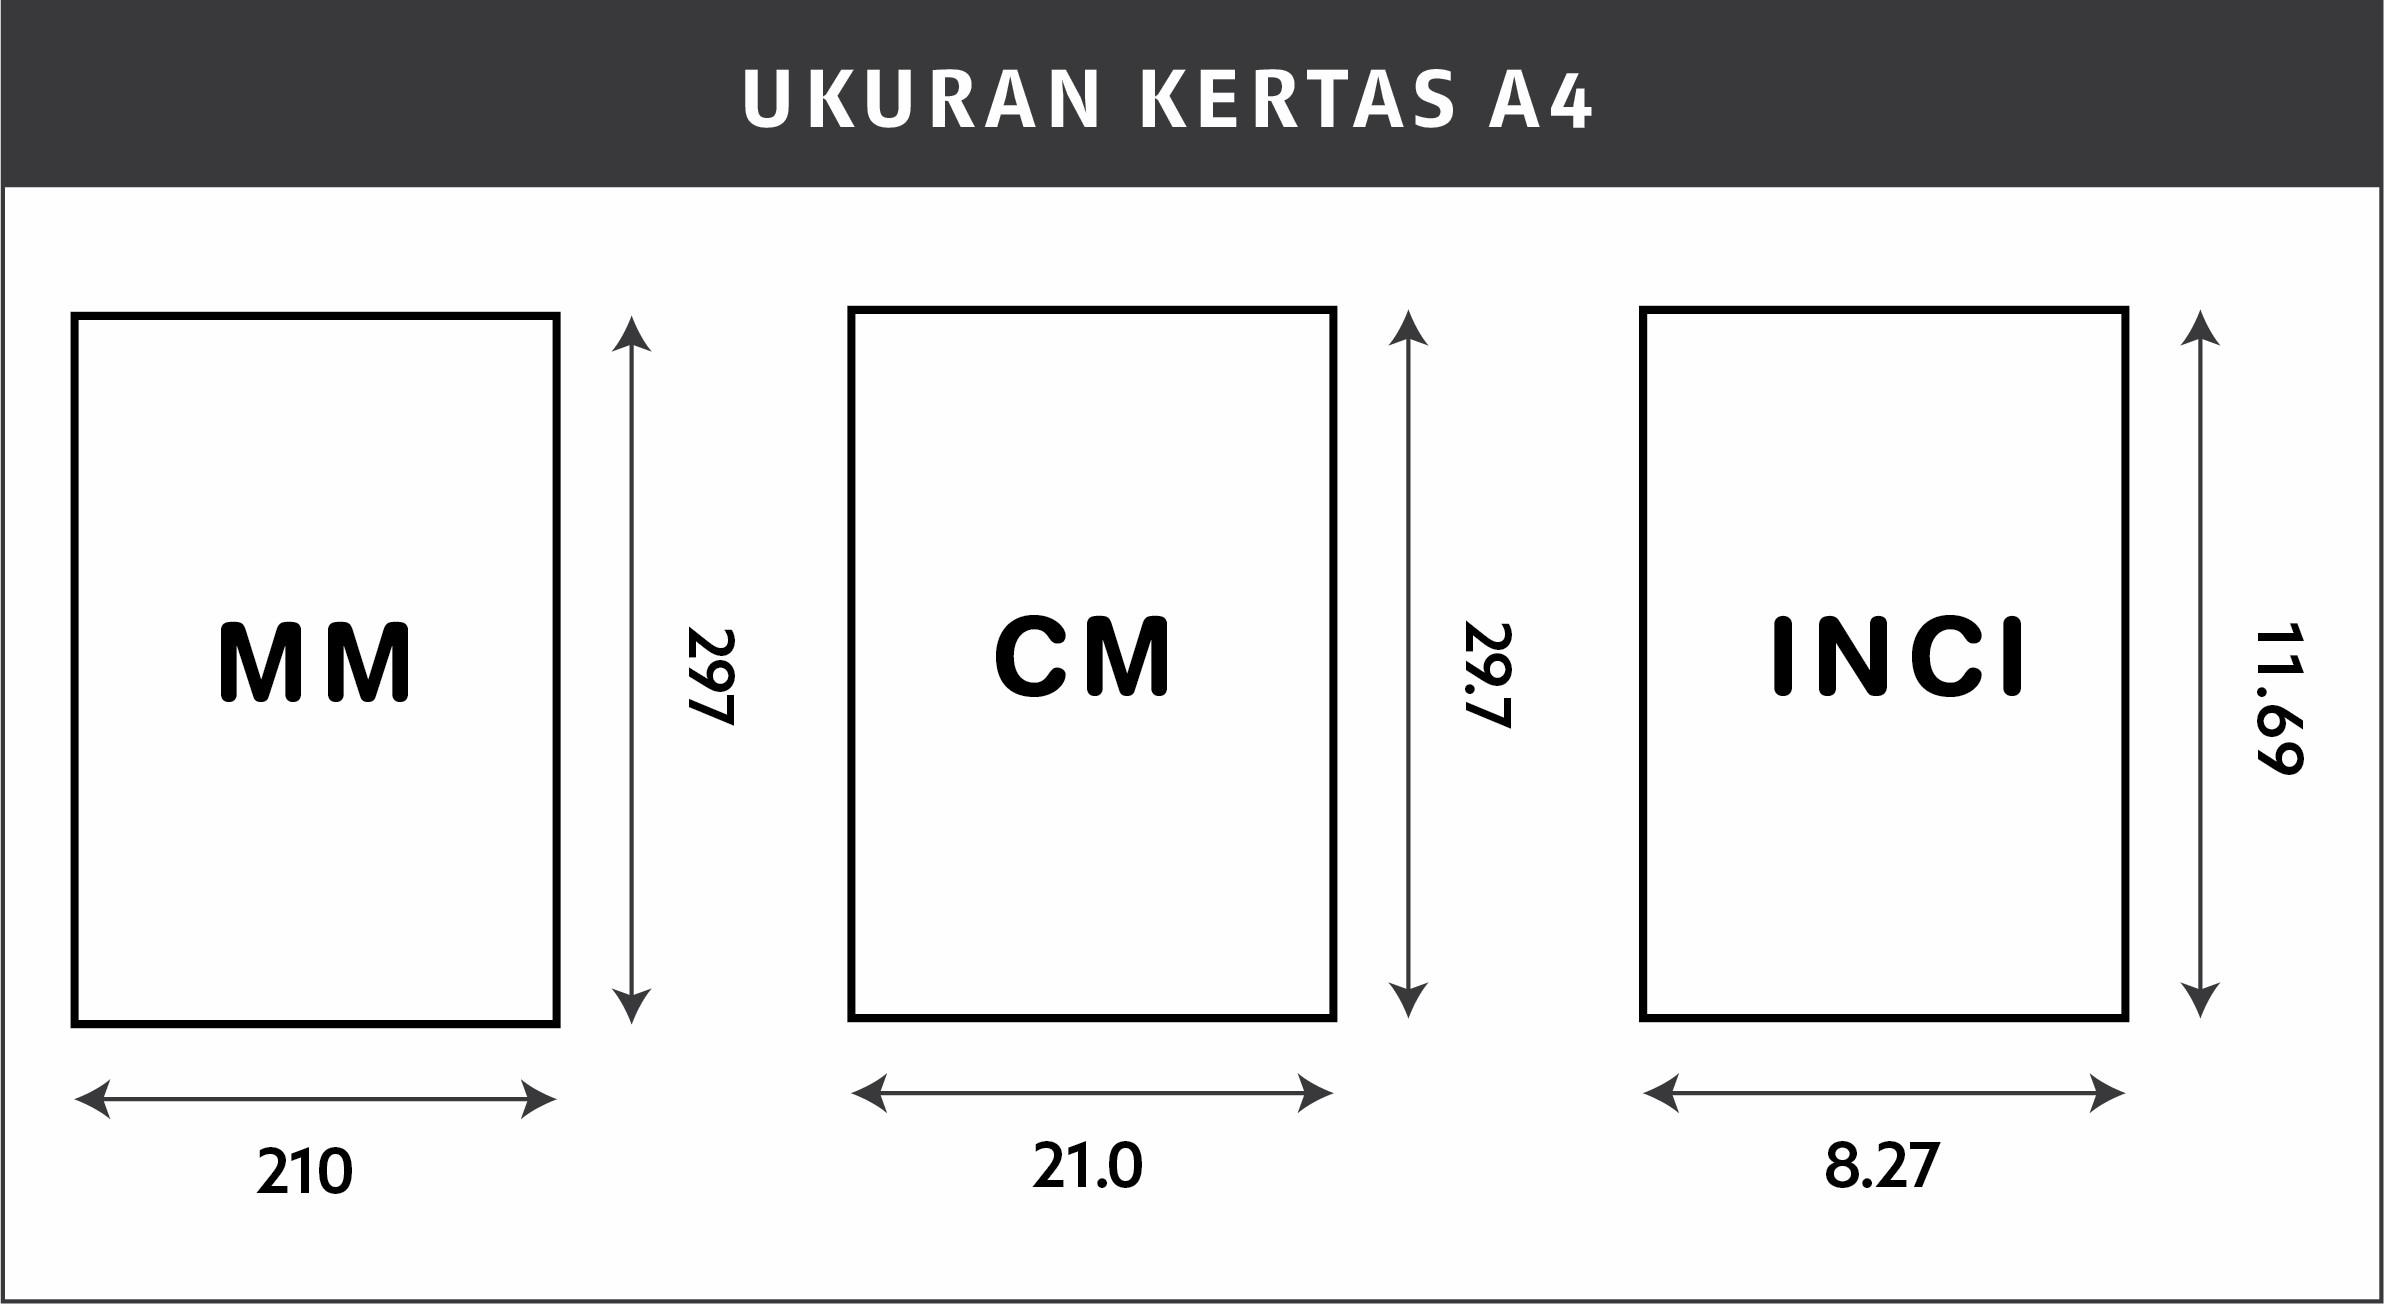 Ukuran kertas A4 dalam mm, cm, dan inci